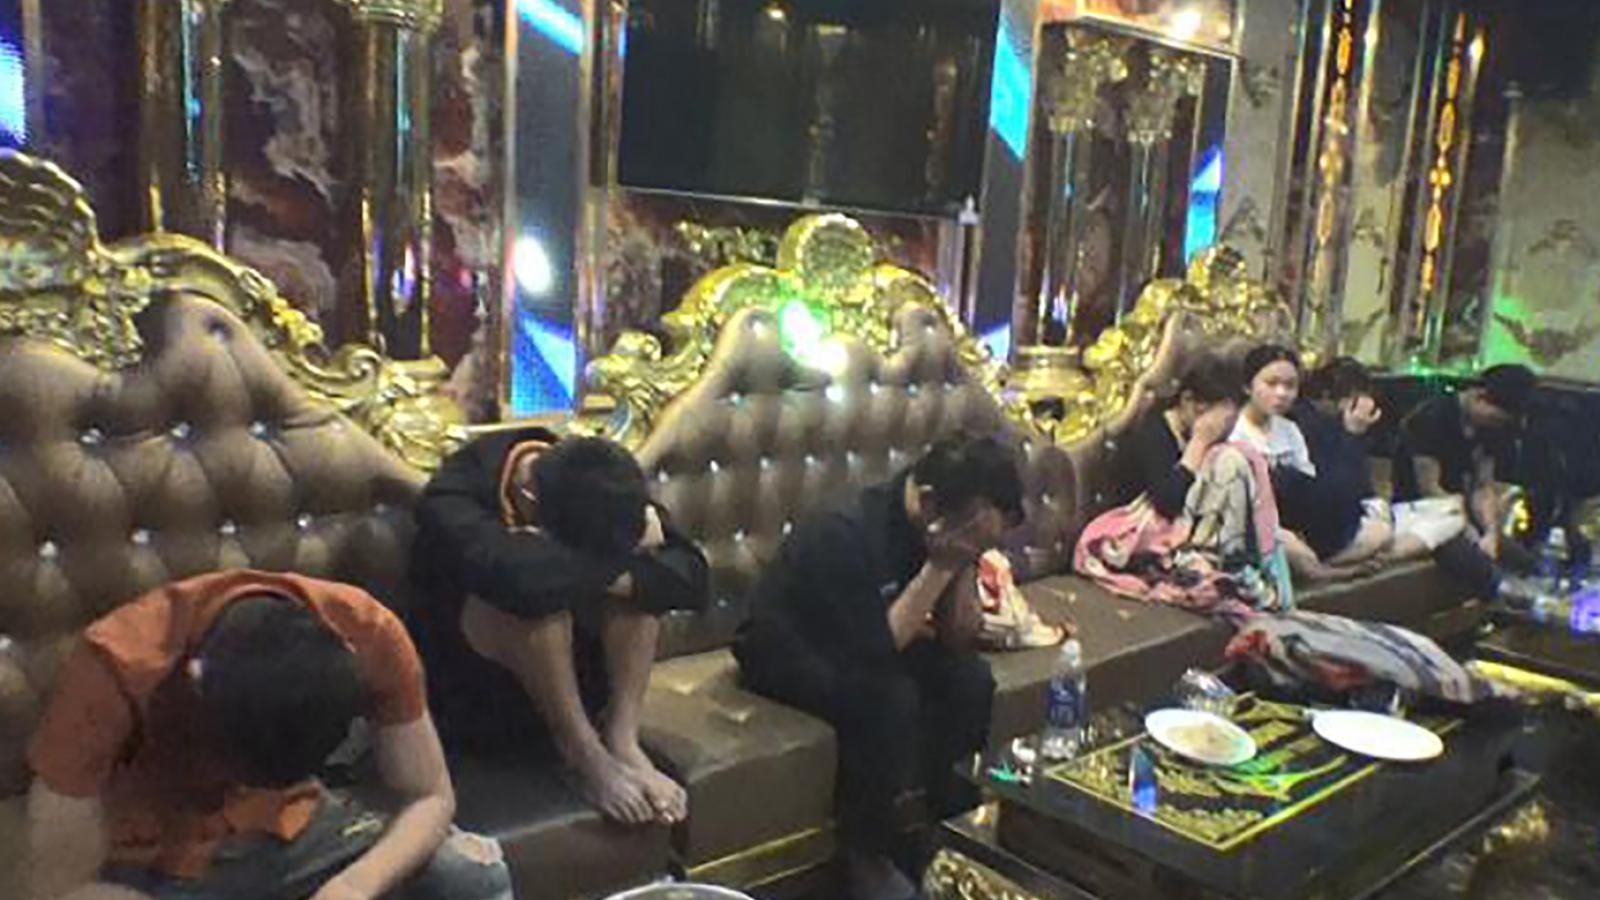 Kiểm tra quán karaoke phát hiện 36 đối tượng sử dụng ma túy